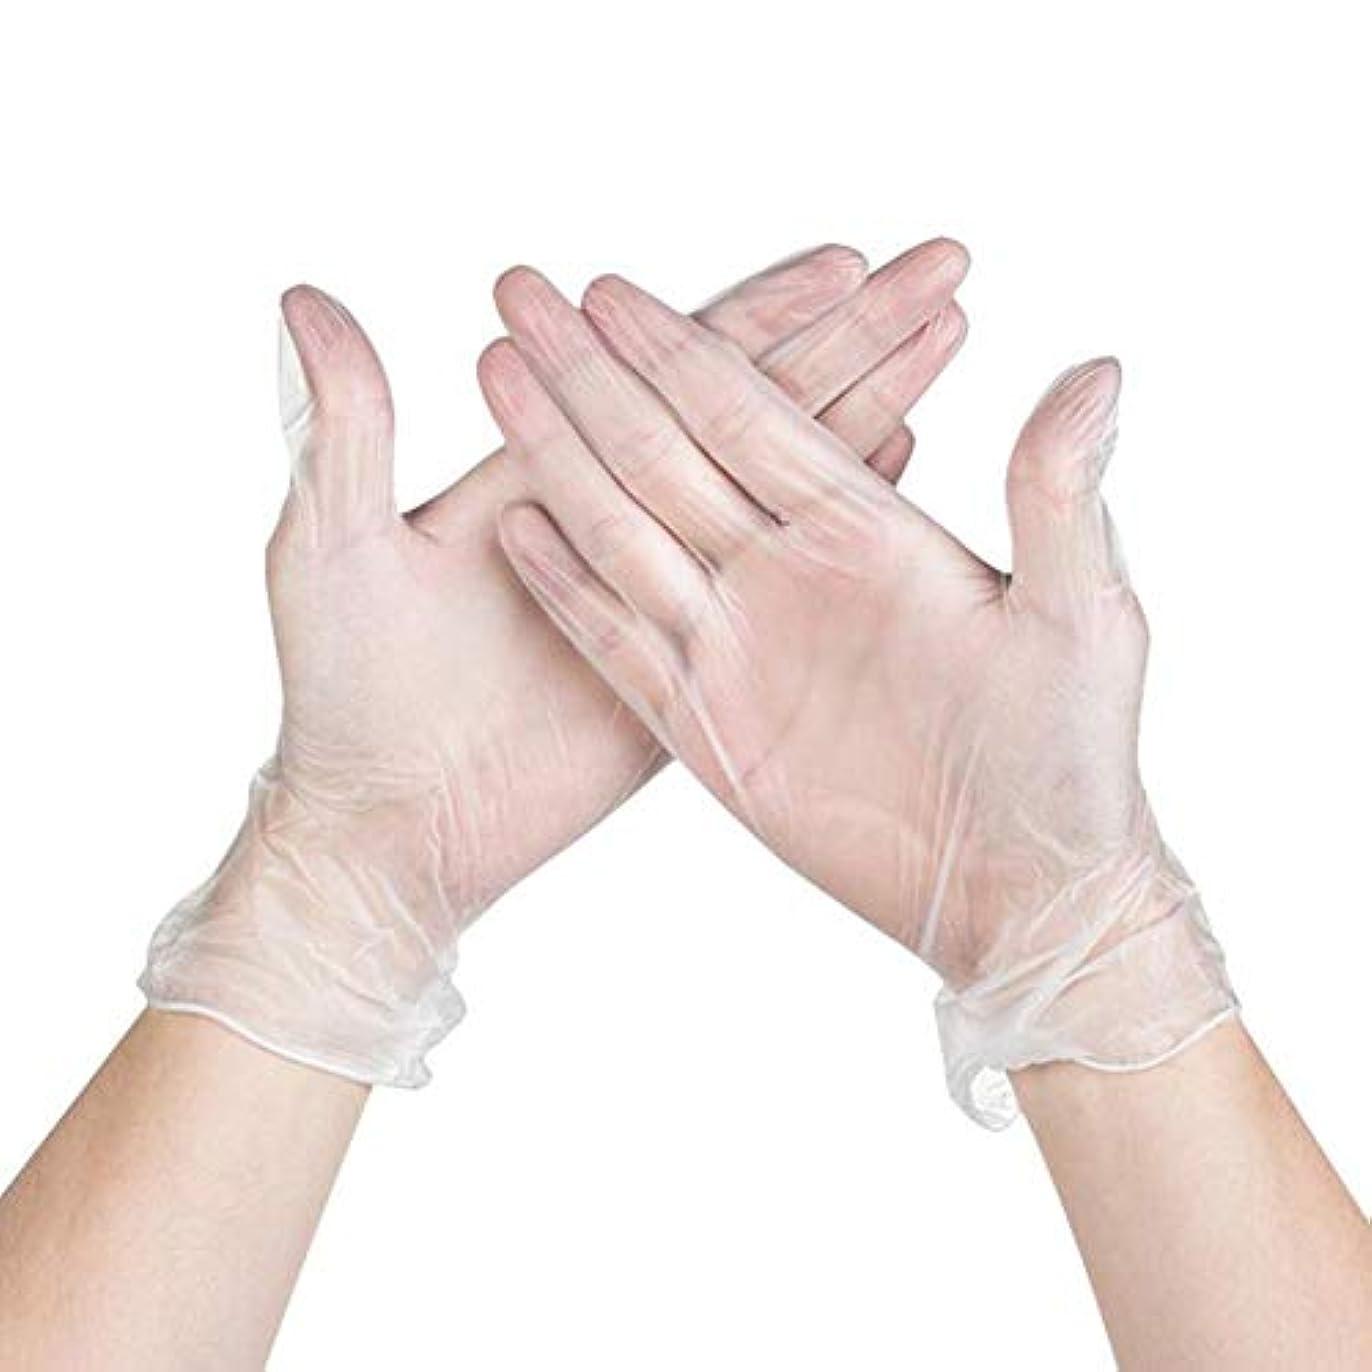 伝導率はいパキスタンRaiFu 使い捨て手袋 パウダーフリー 防水 オイル耐性 透明 PVC手袋 100個 透明 XL